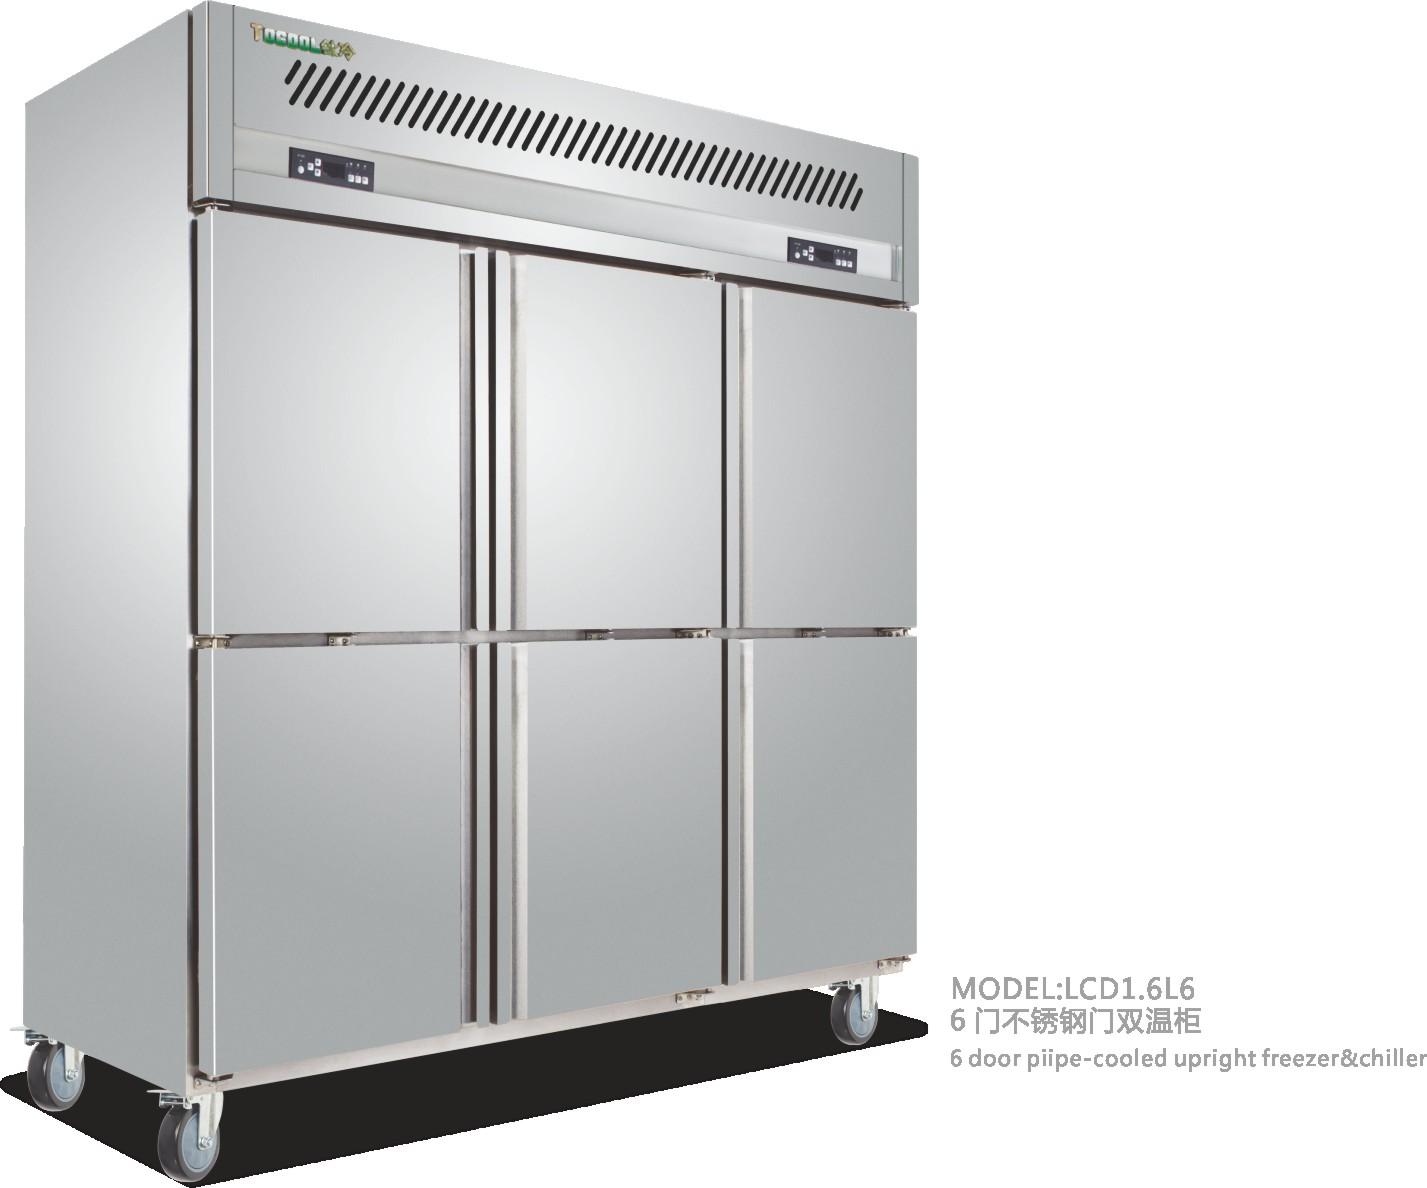 >风冷六门双温冰箱